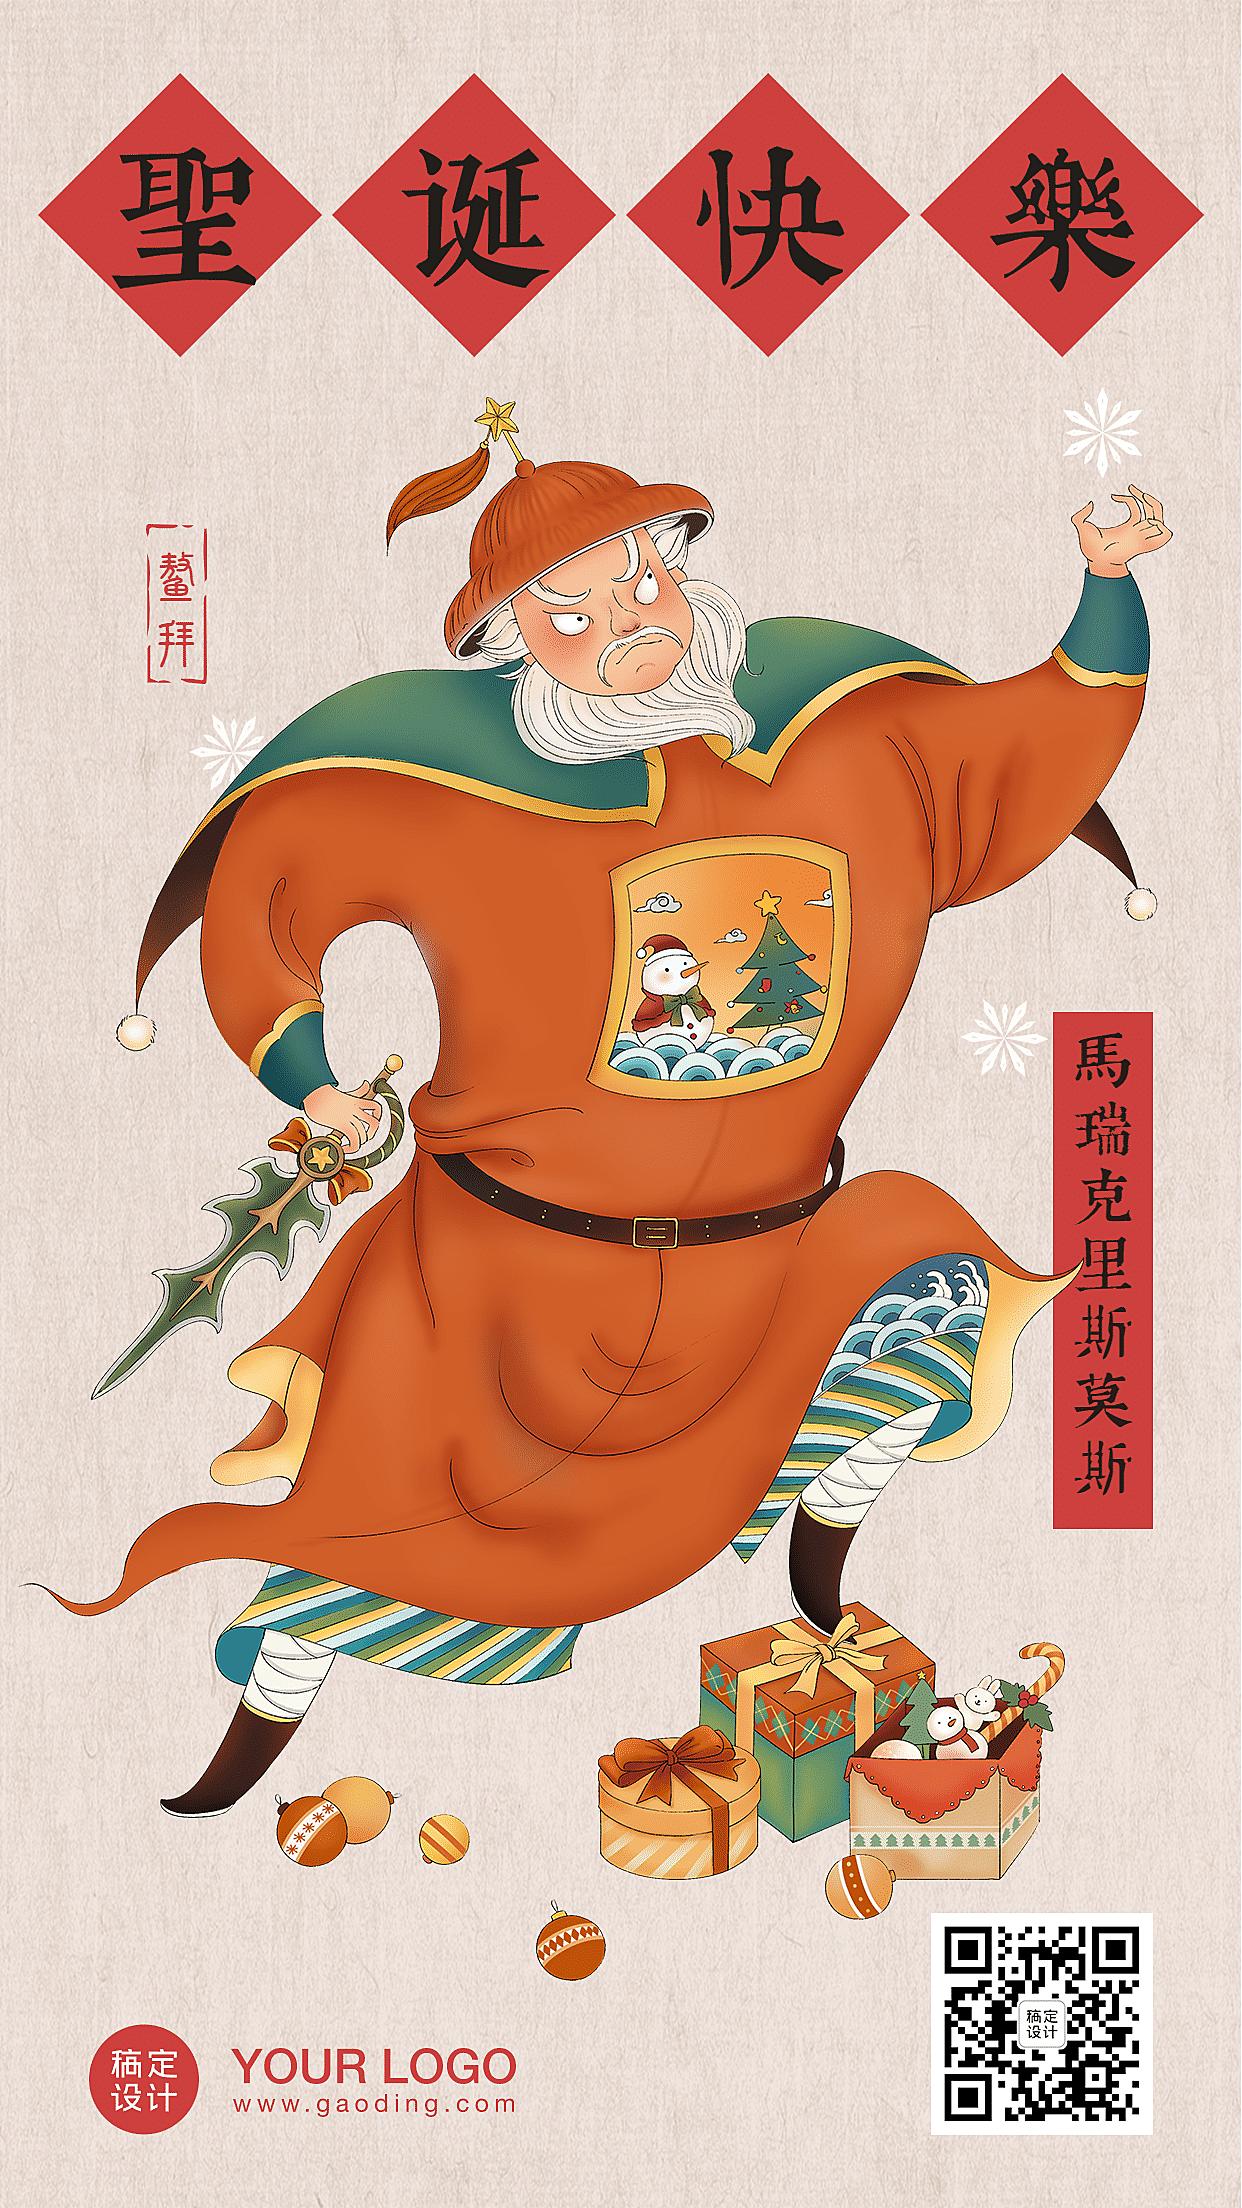 圣诞节祝福问候国风创意手机海报